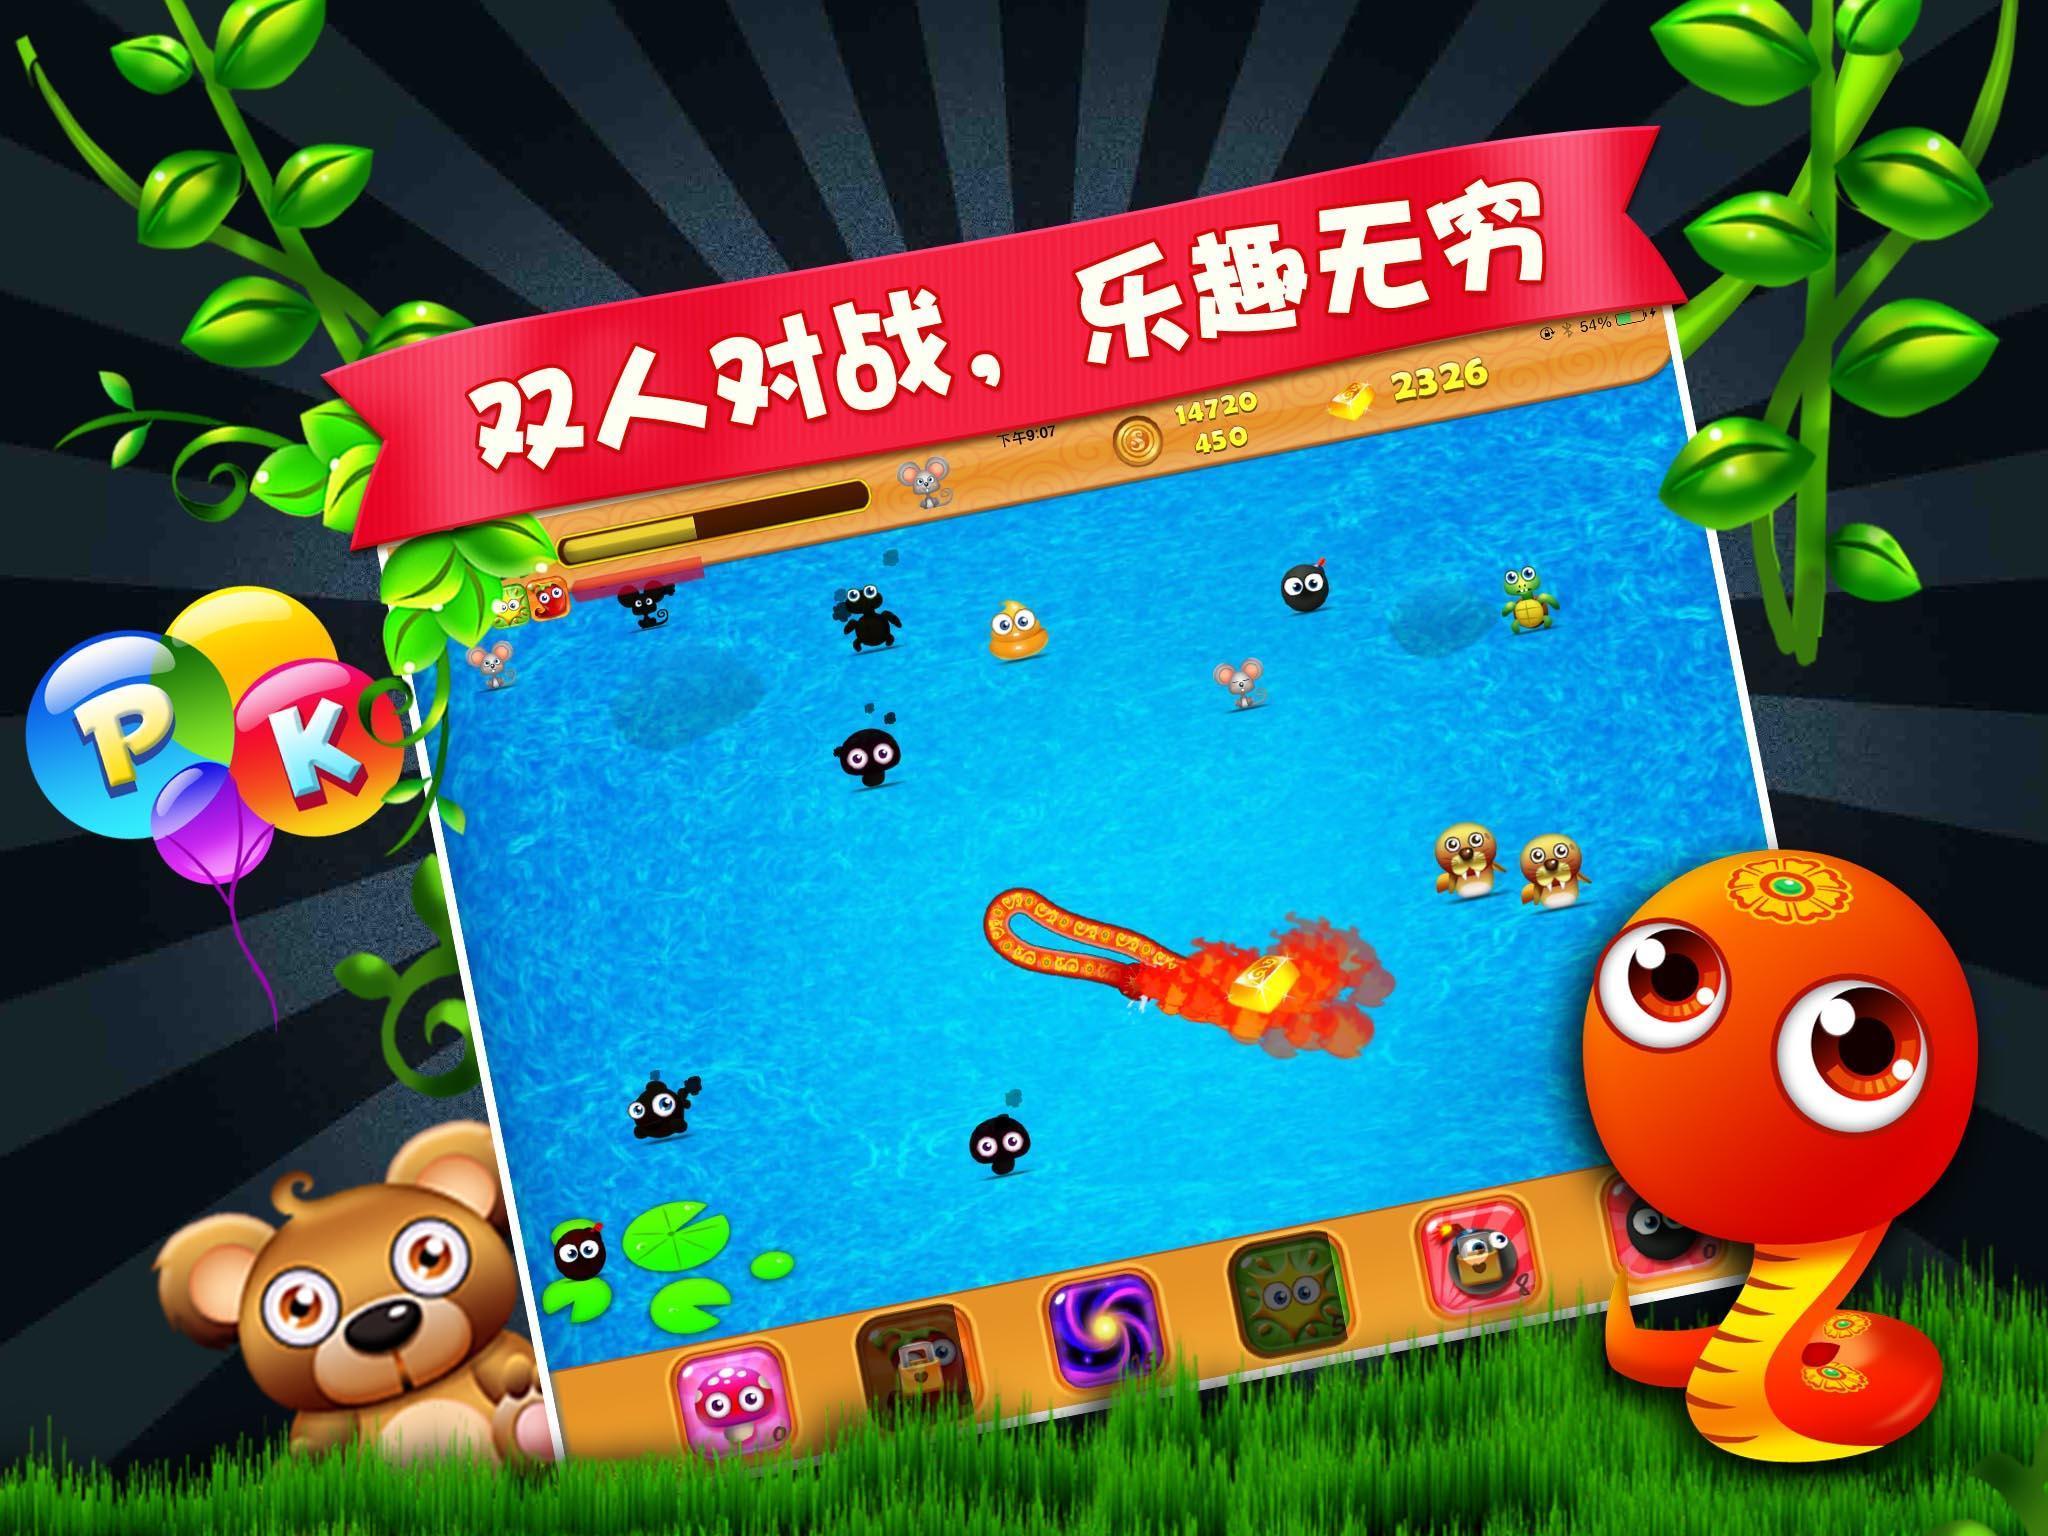 【贪吃蛇莎莉】360手机游戏-最专业的手机游戏下载平台